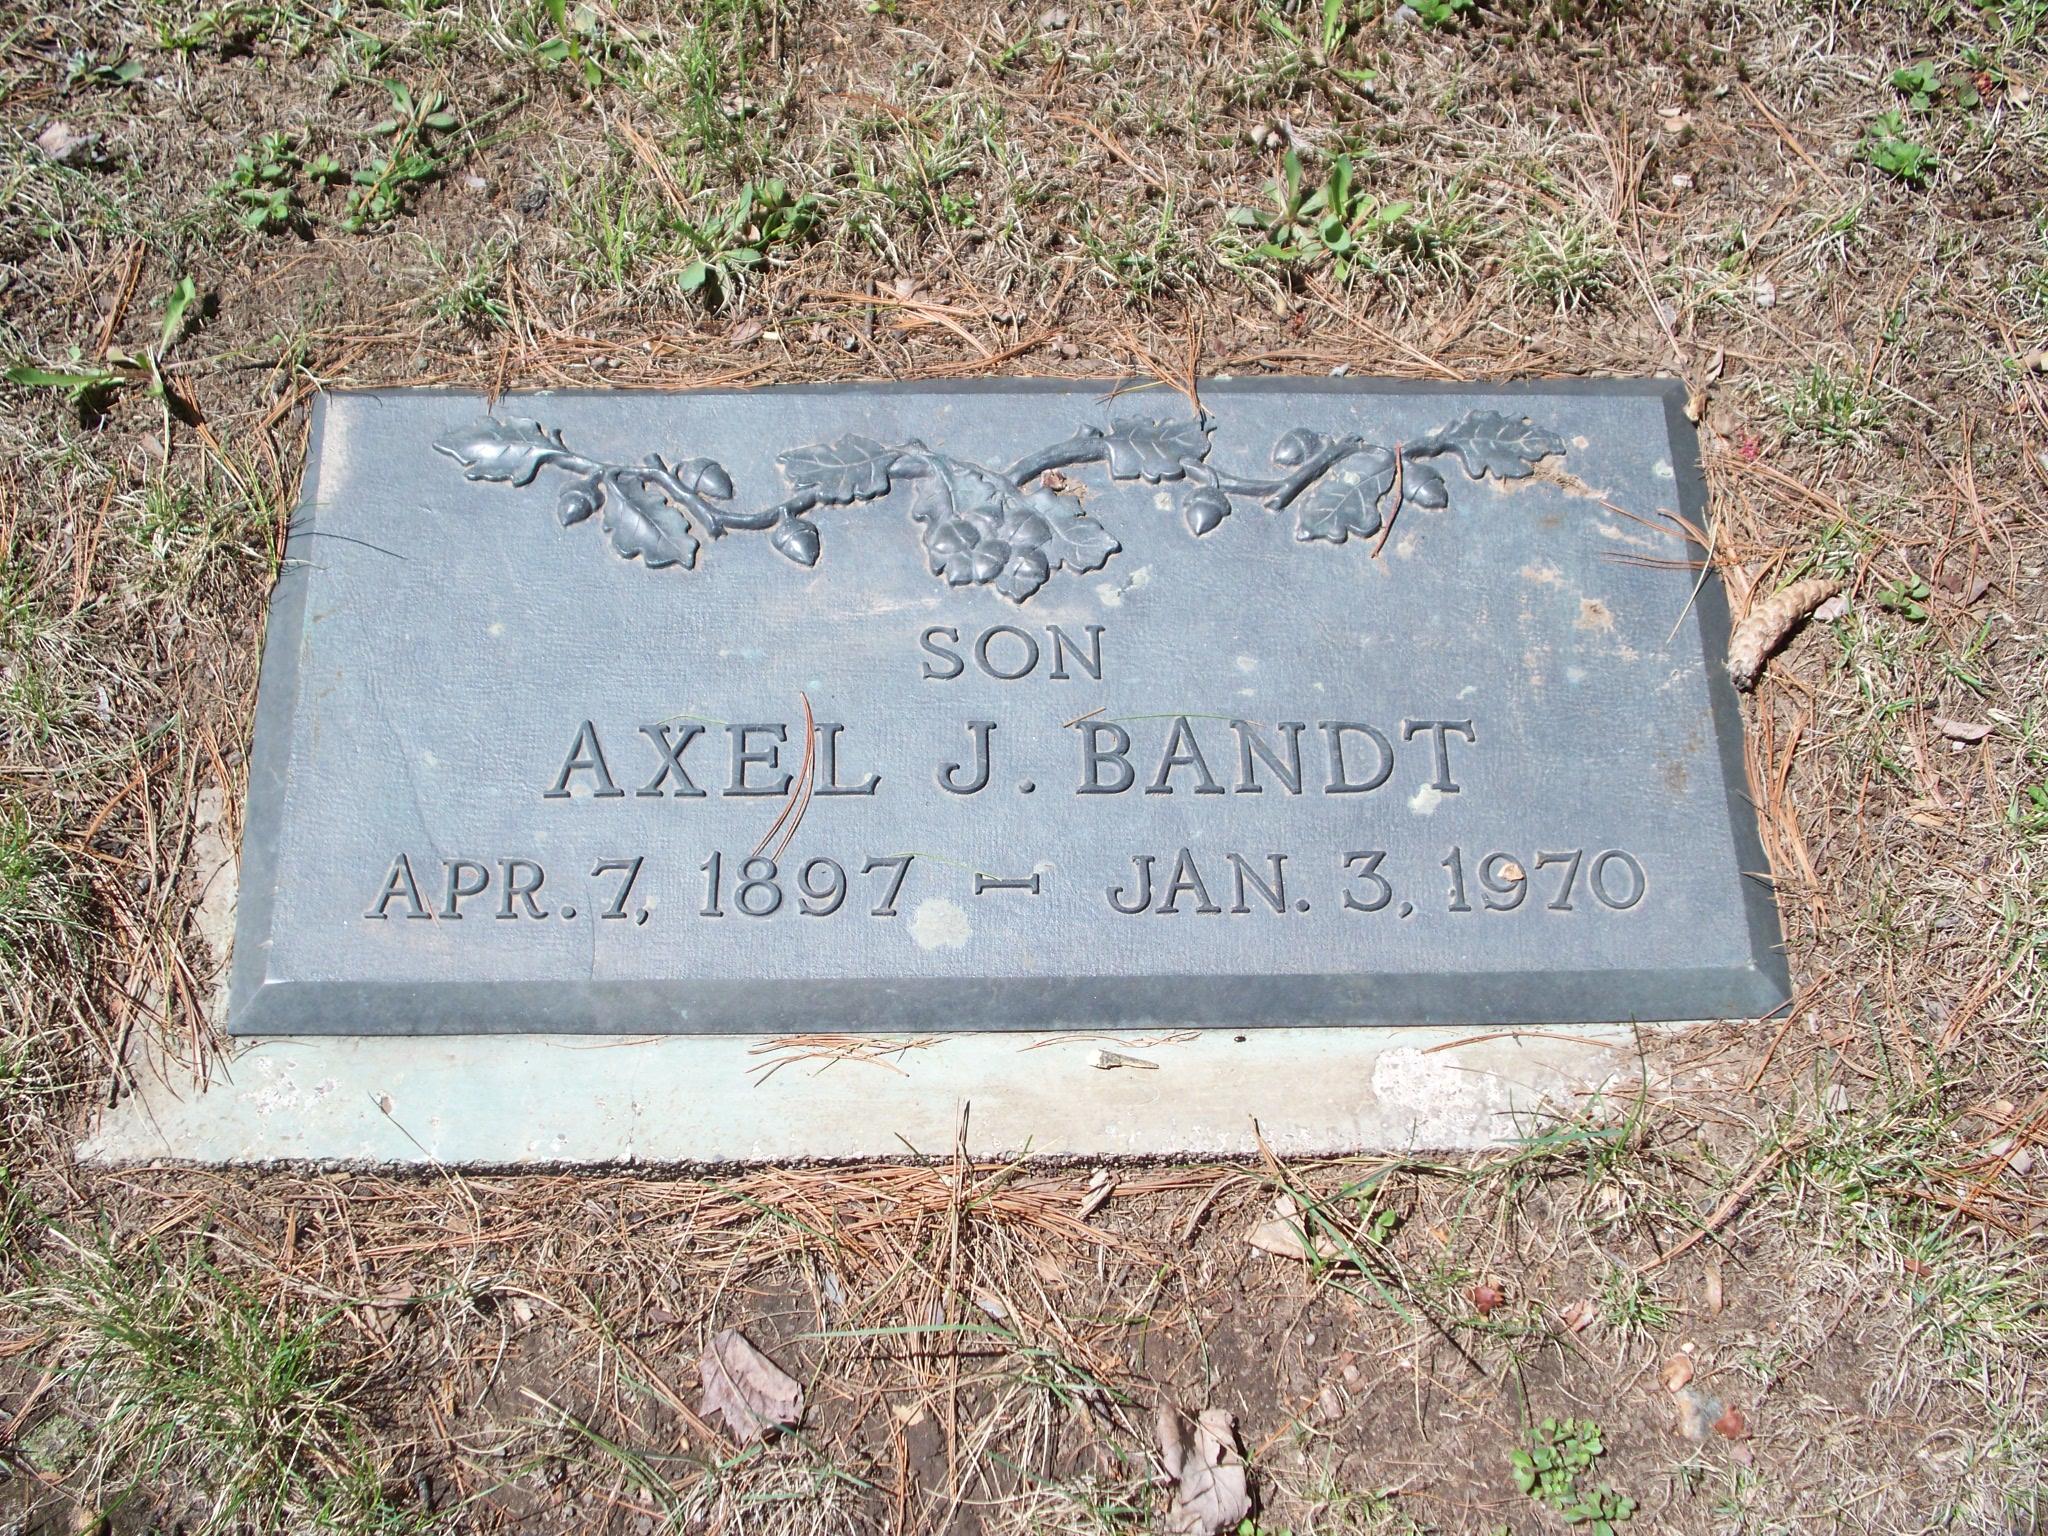 Axel J. Bandt